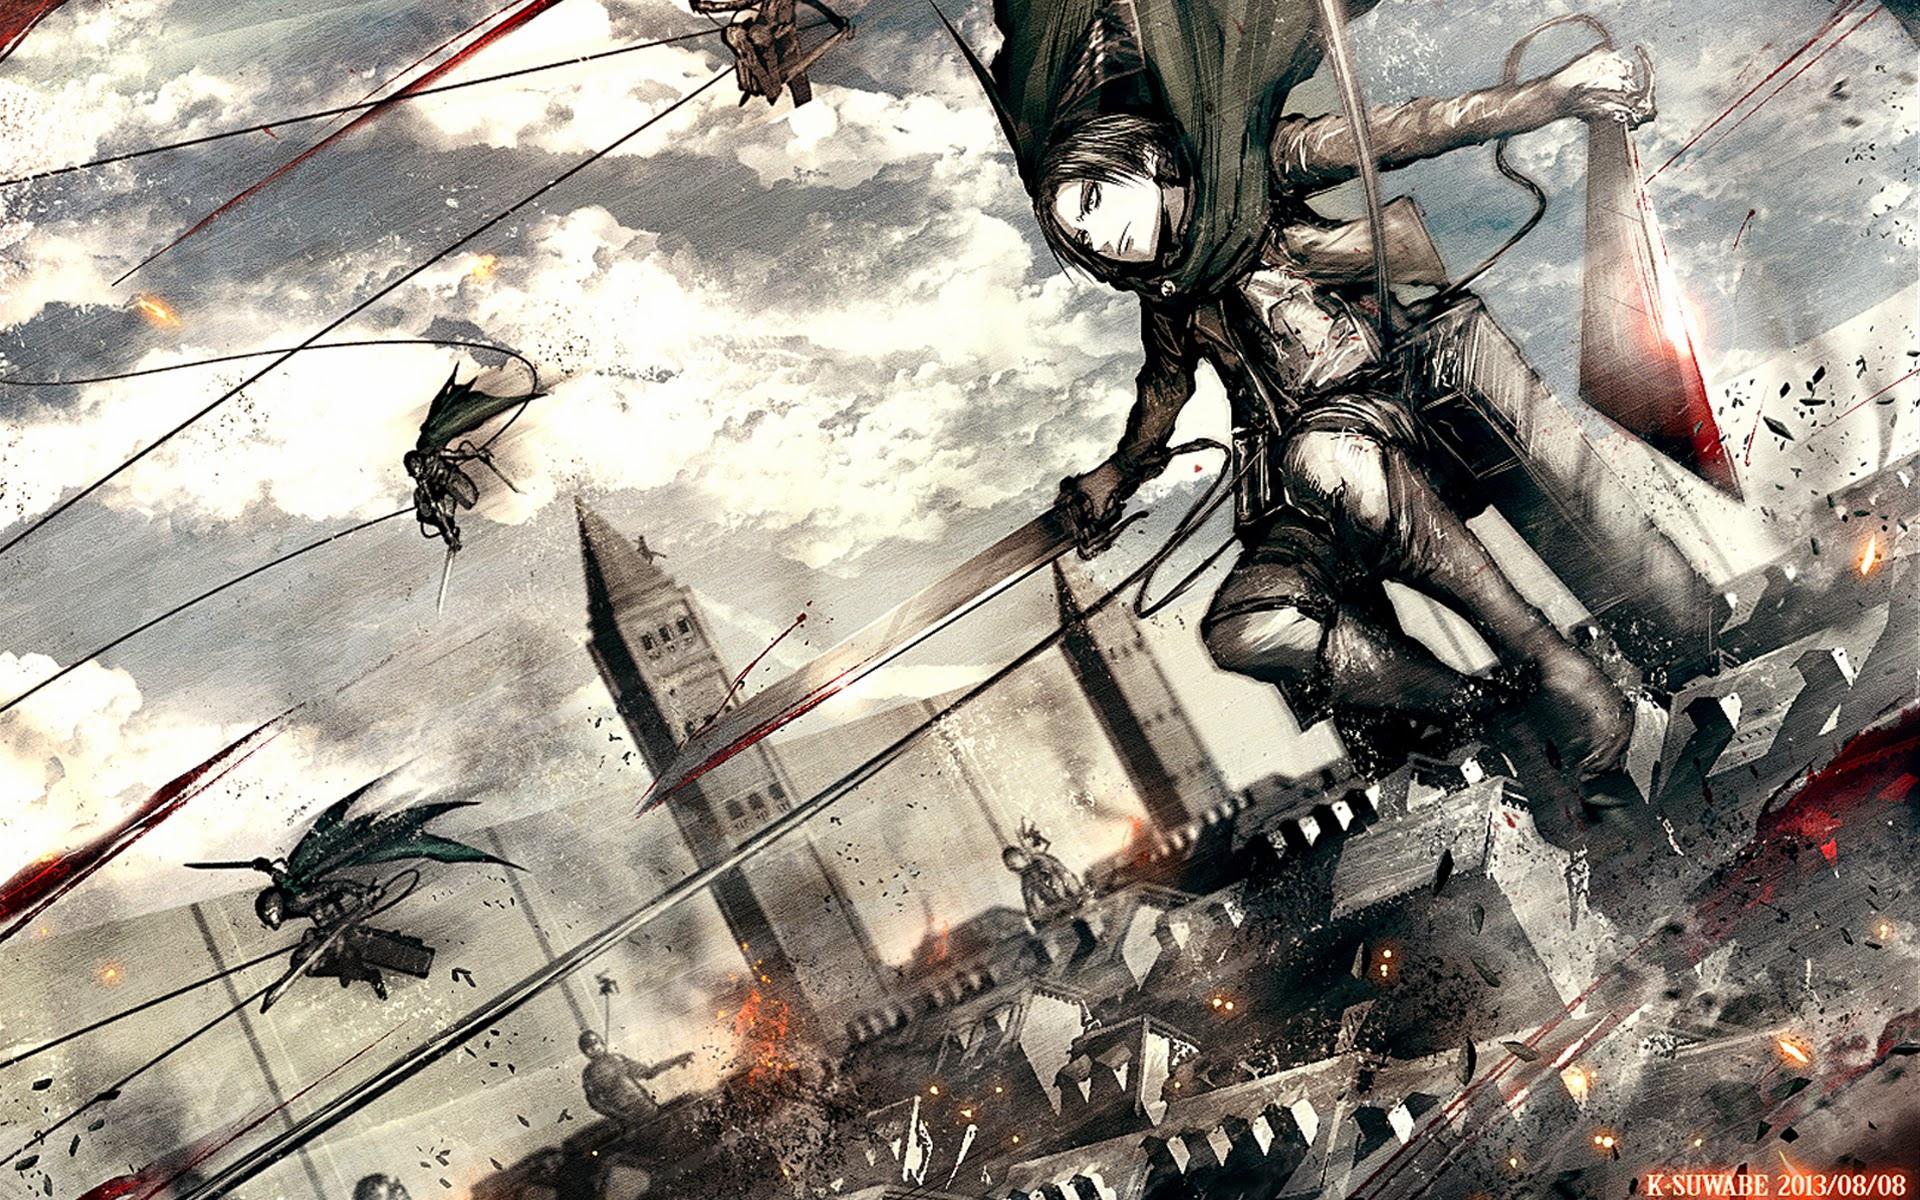 levi attack on titan hd wallpaper 1920x1200jpg 1920x1200